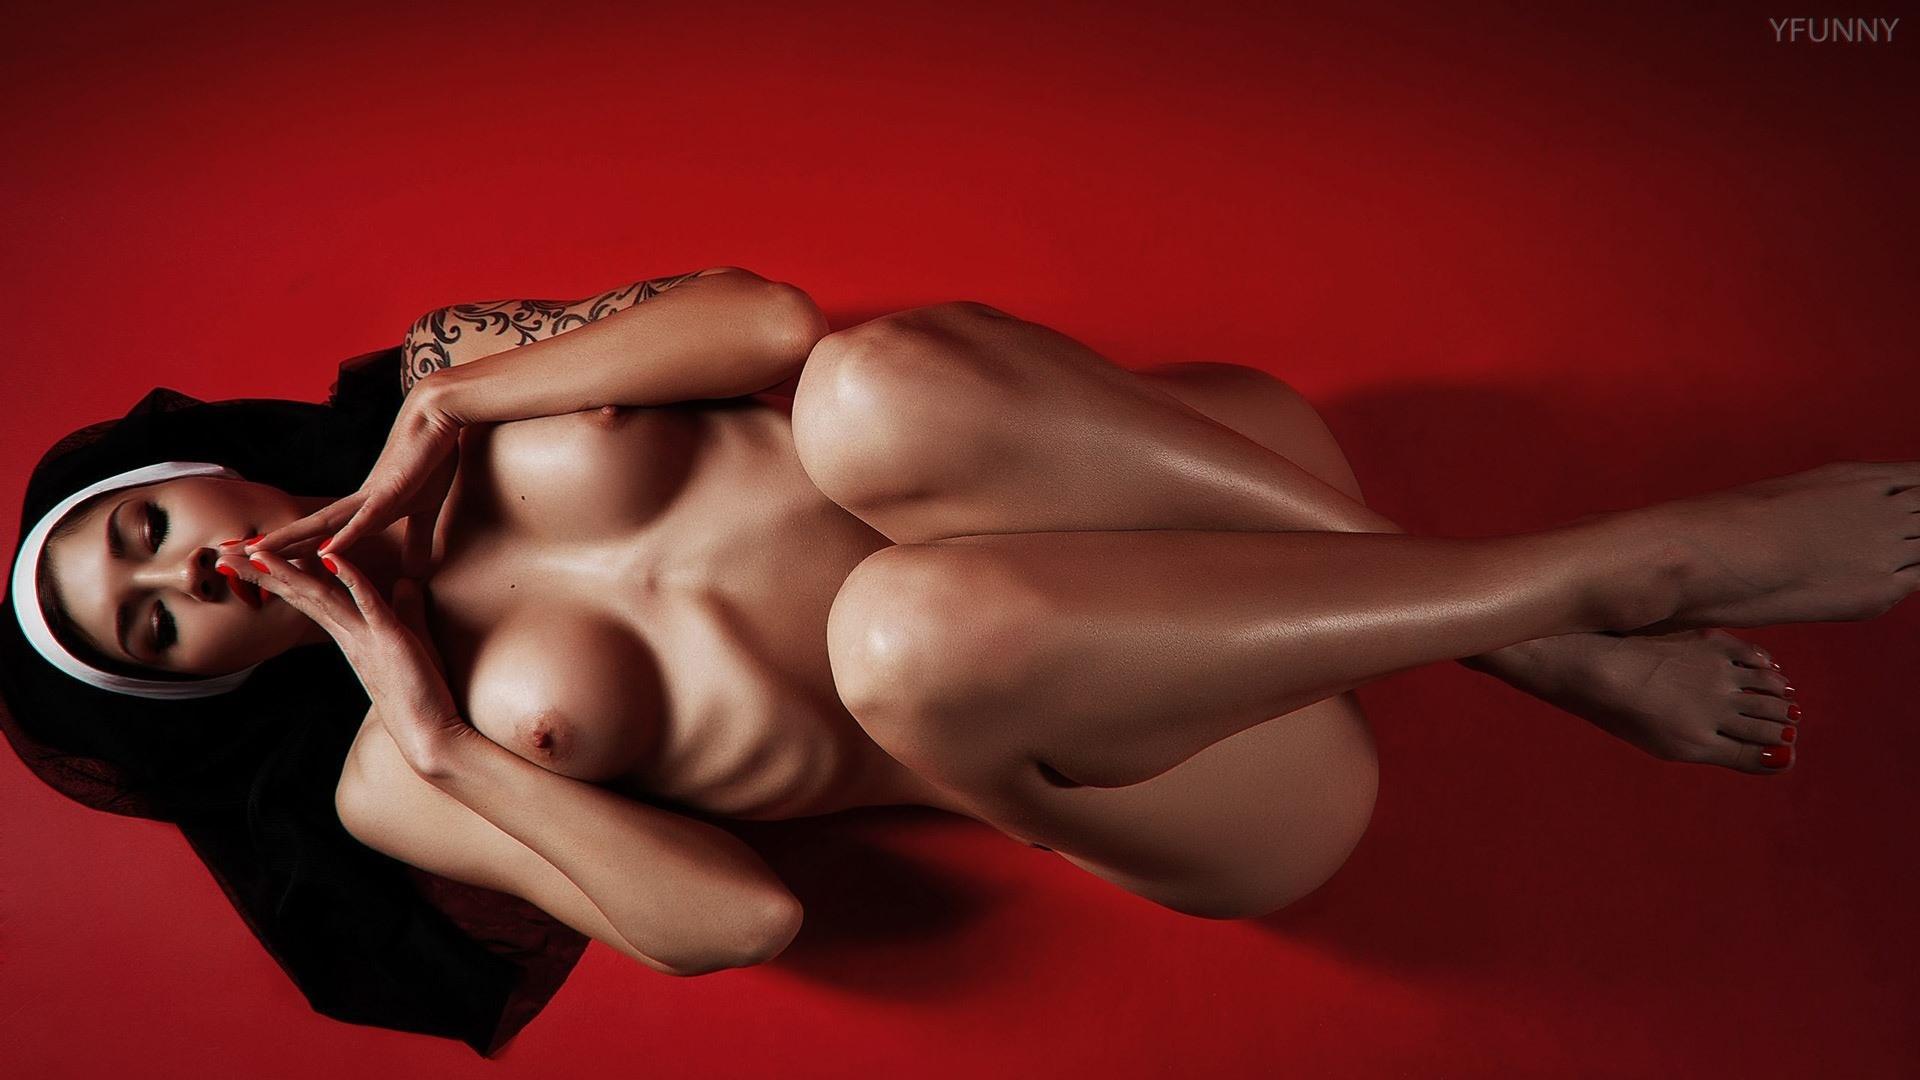 Фото Похотливая монахиня, обнаженная девушка молится на красном полу, тату, сексуальное тело, блестящие ножки, скачать картинку бесплатно